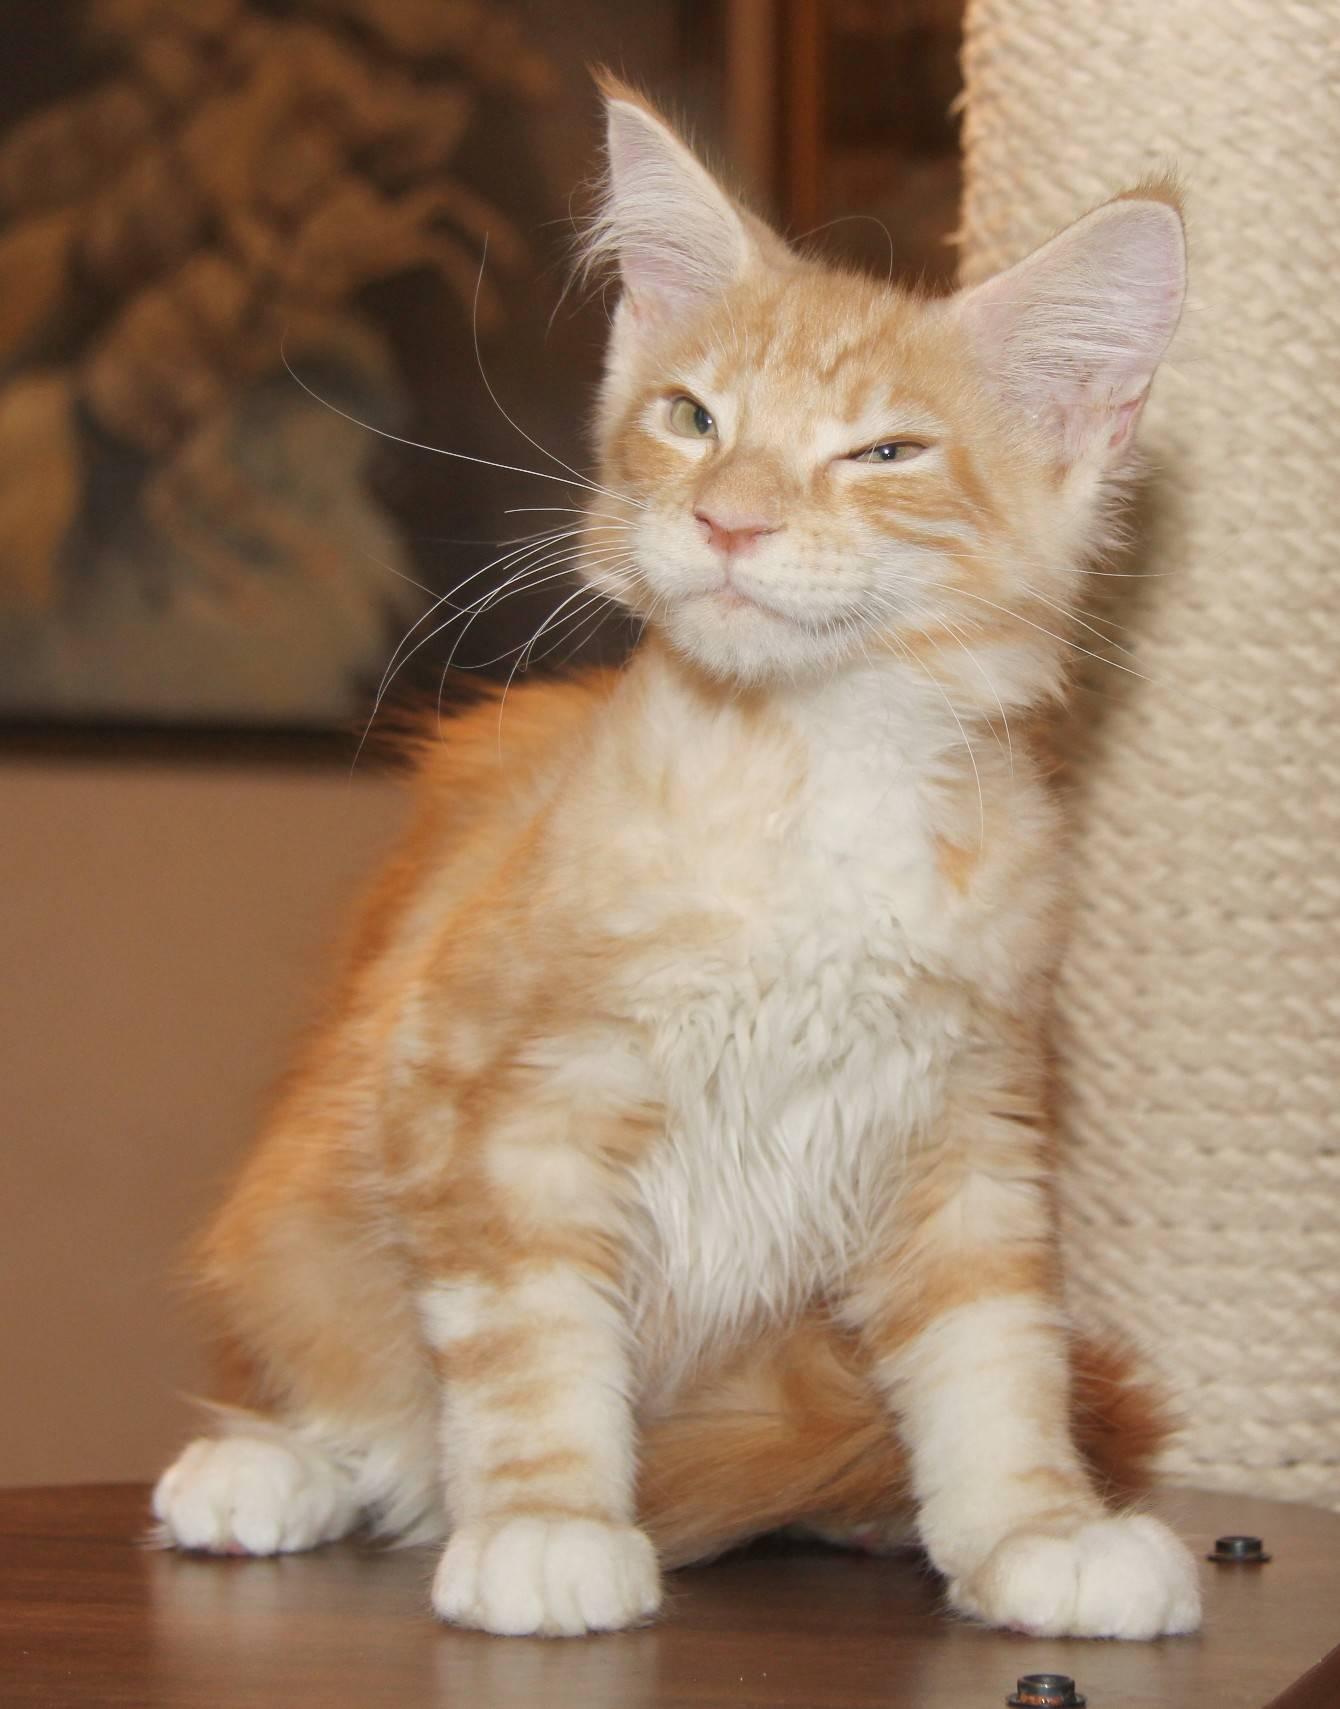 Порода кошек мэйн-кун: основные отличия, плюсы и минусы. сколько живут мейн-куны, трудно ли их содержать дома? . милая я